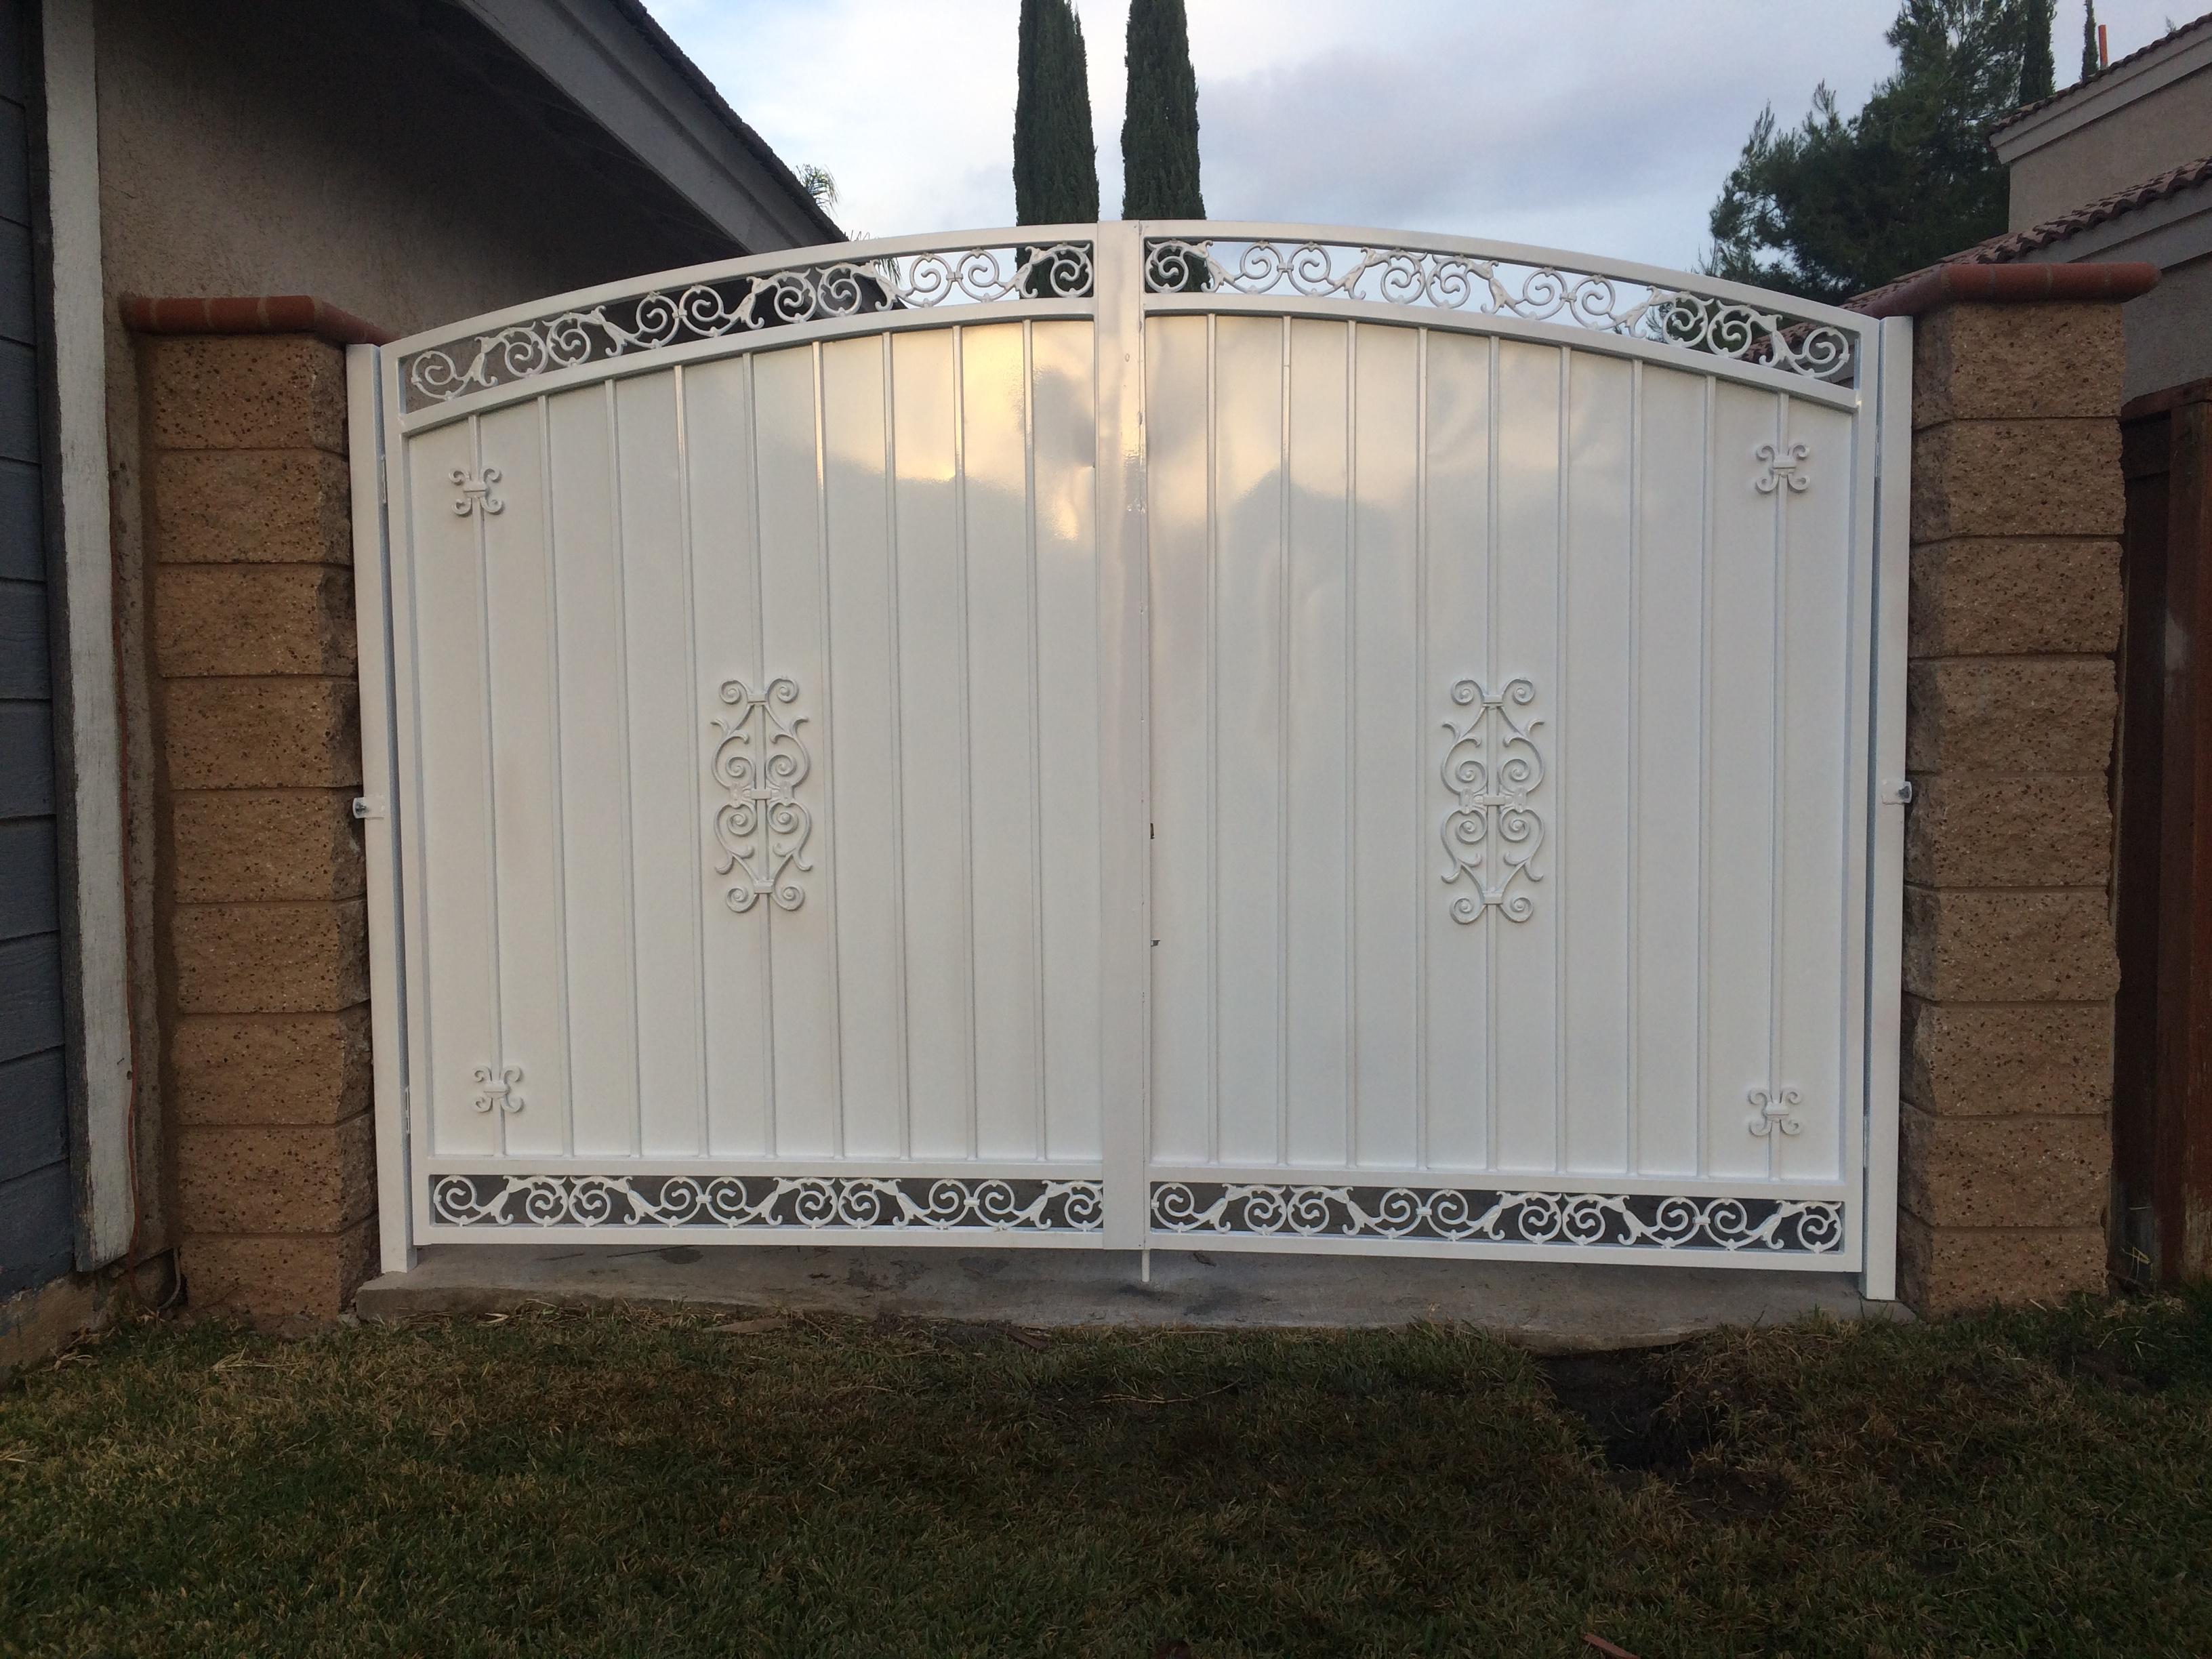 Gate #18